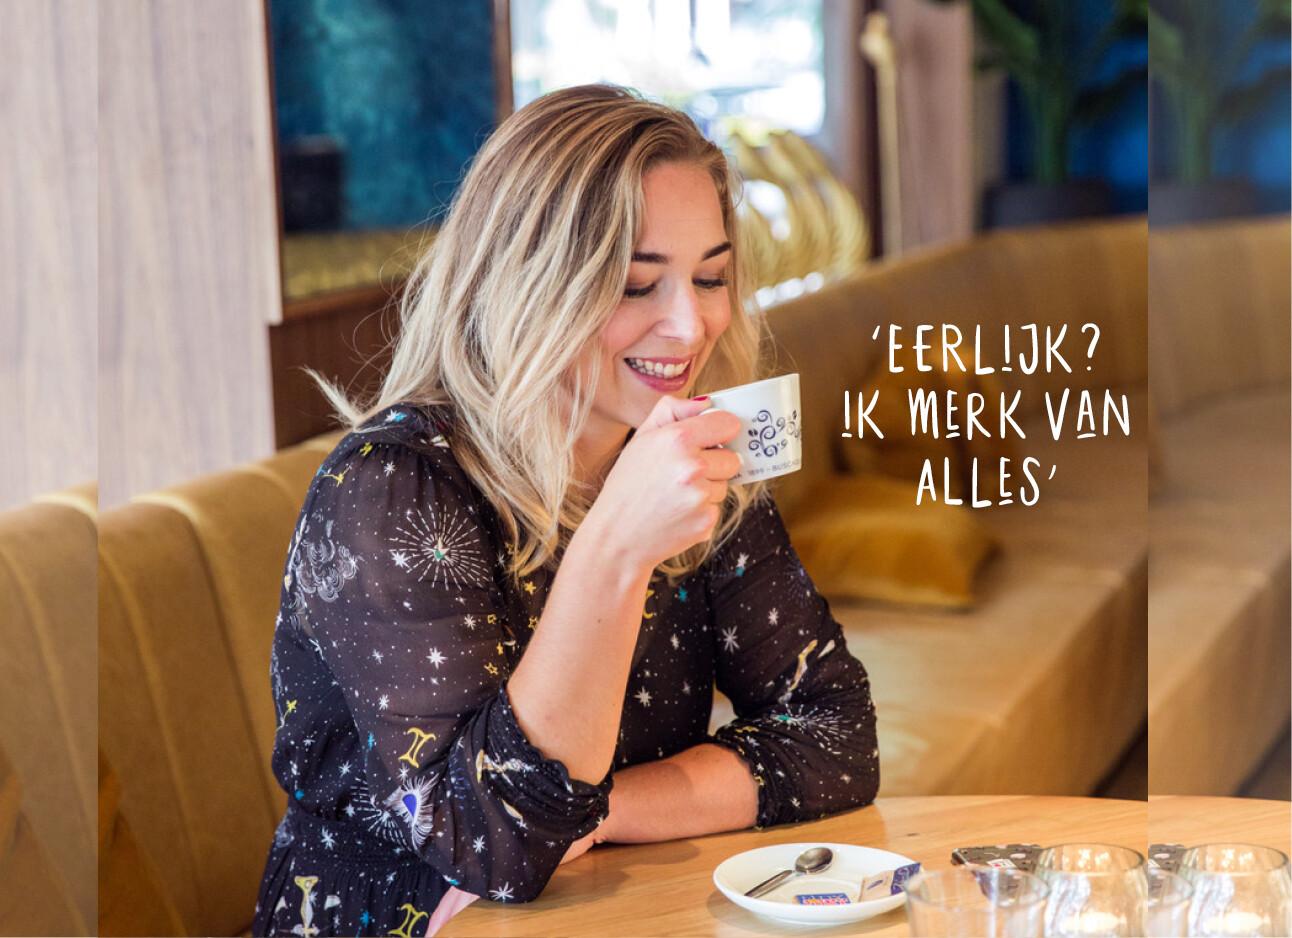 adeline drinkt koffie in een restaurant